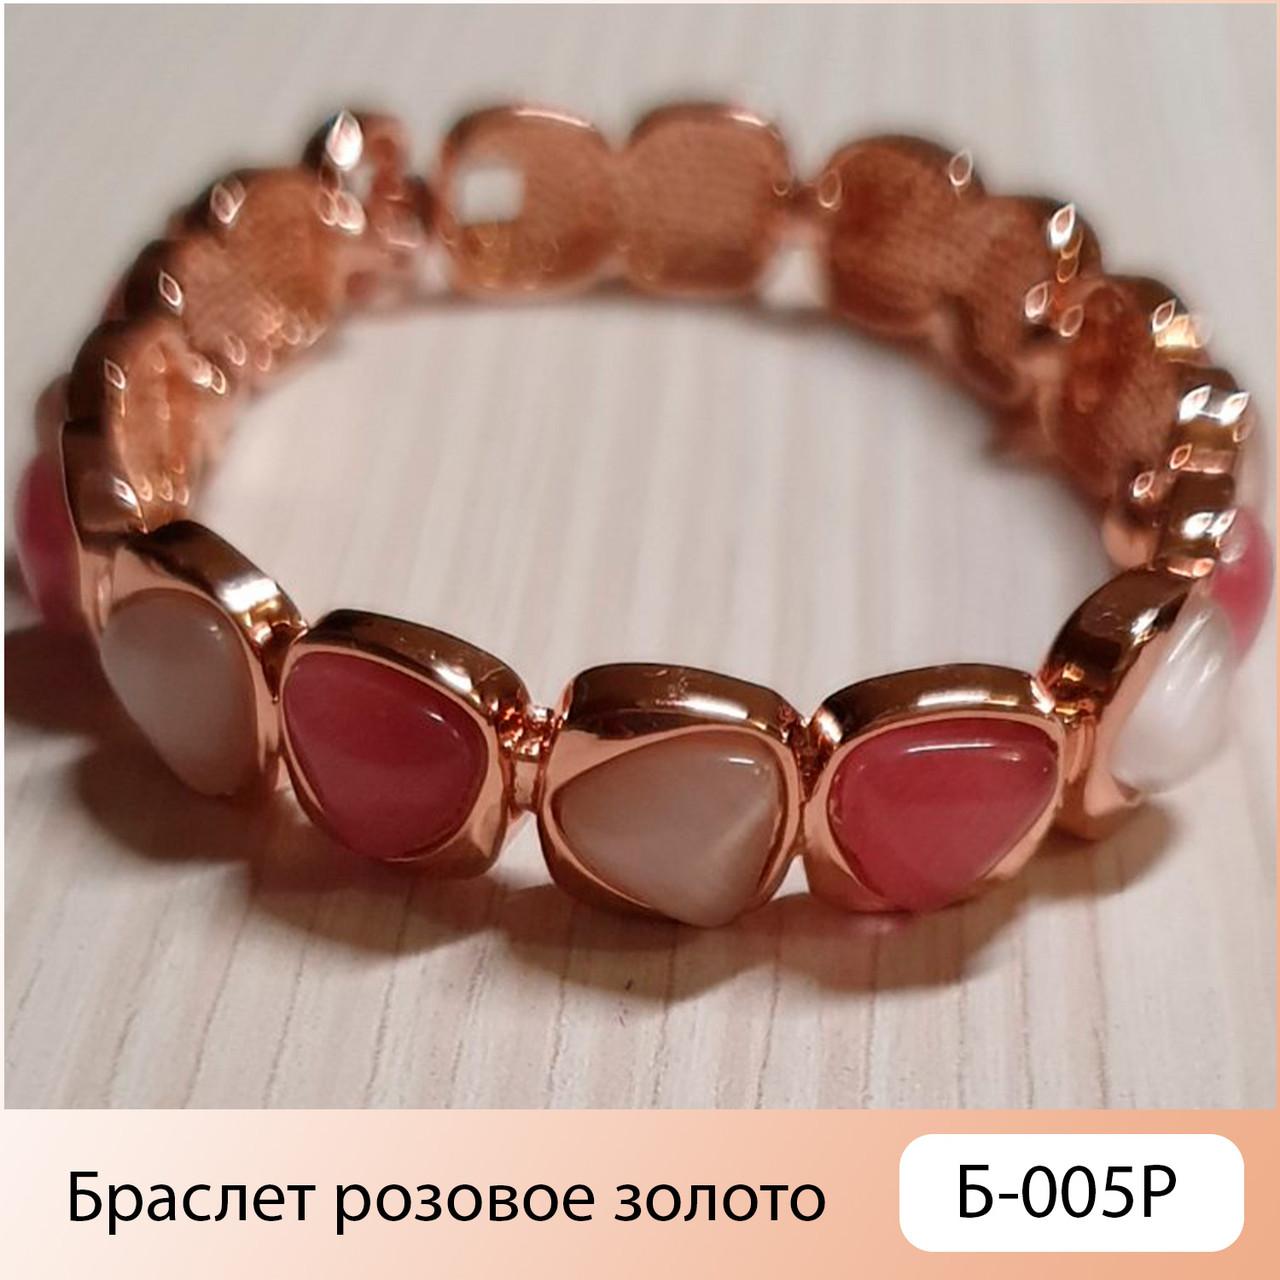 Браслет Розовое золото Б-005Р